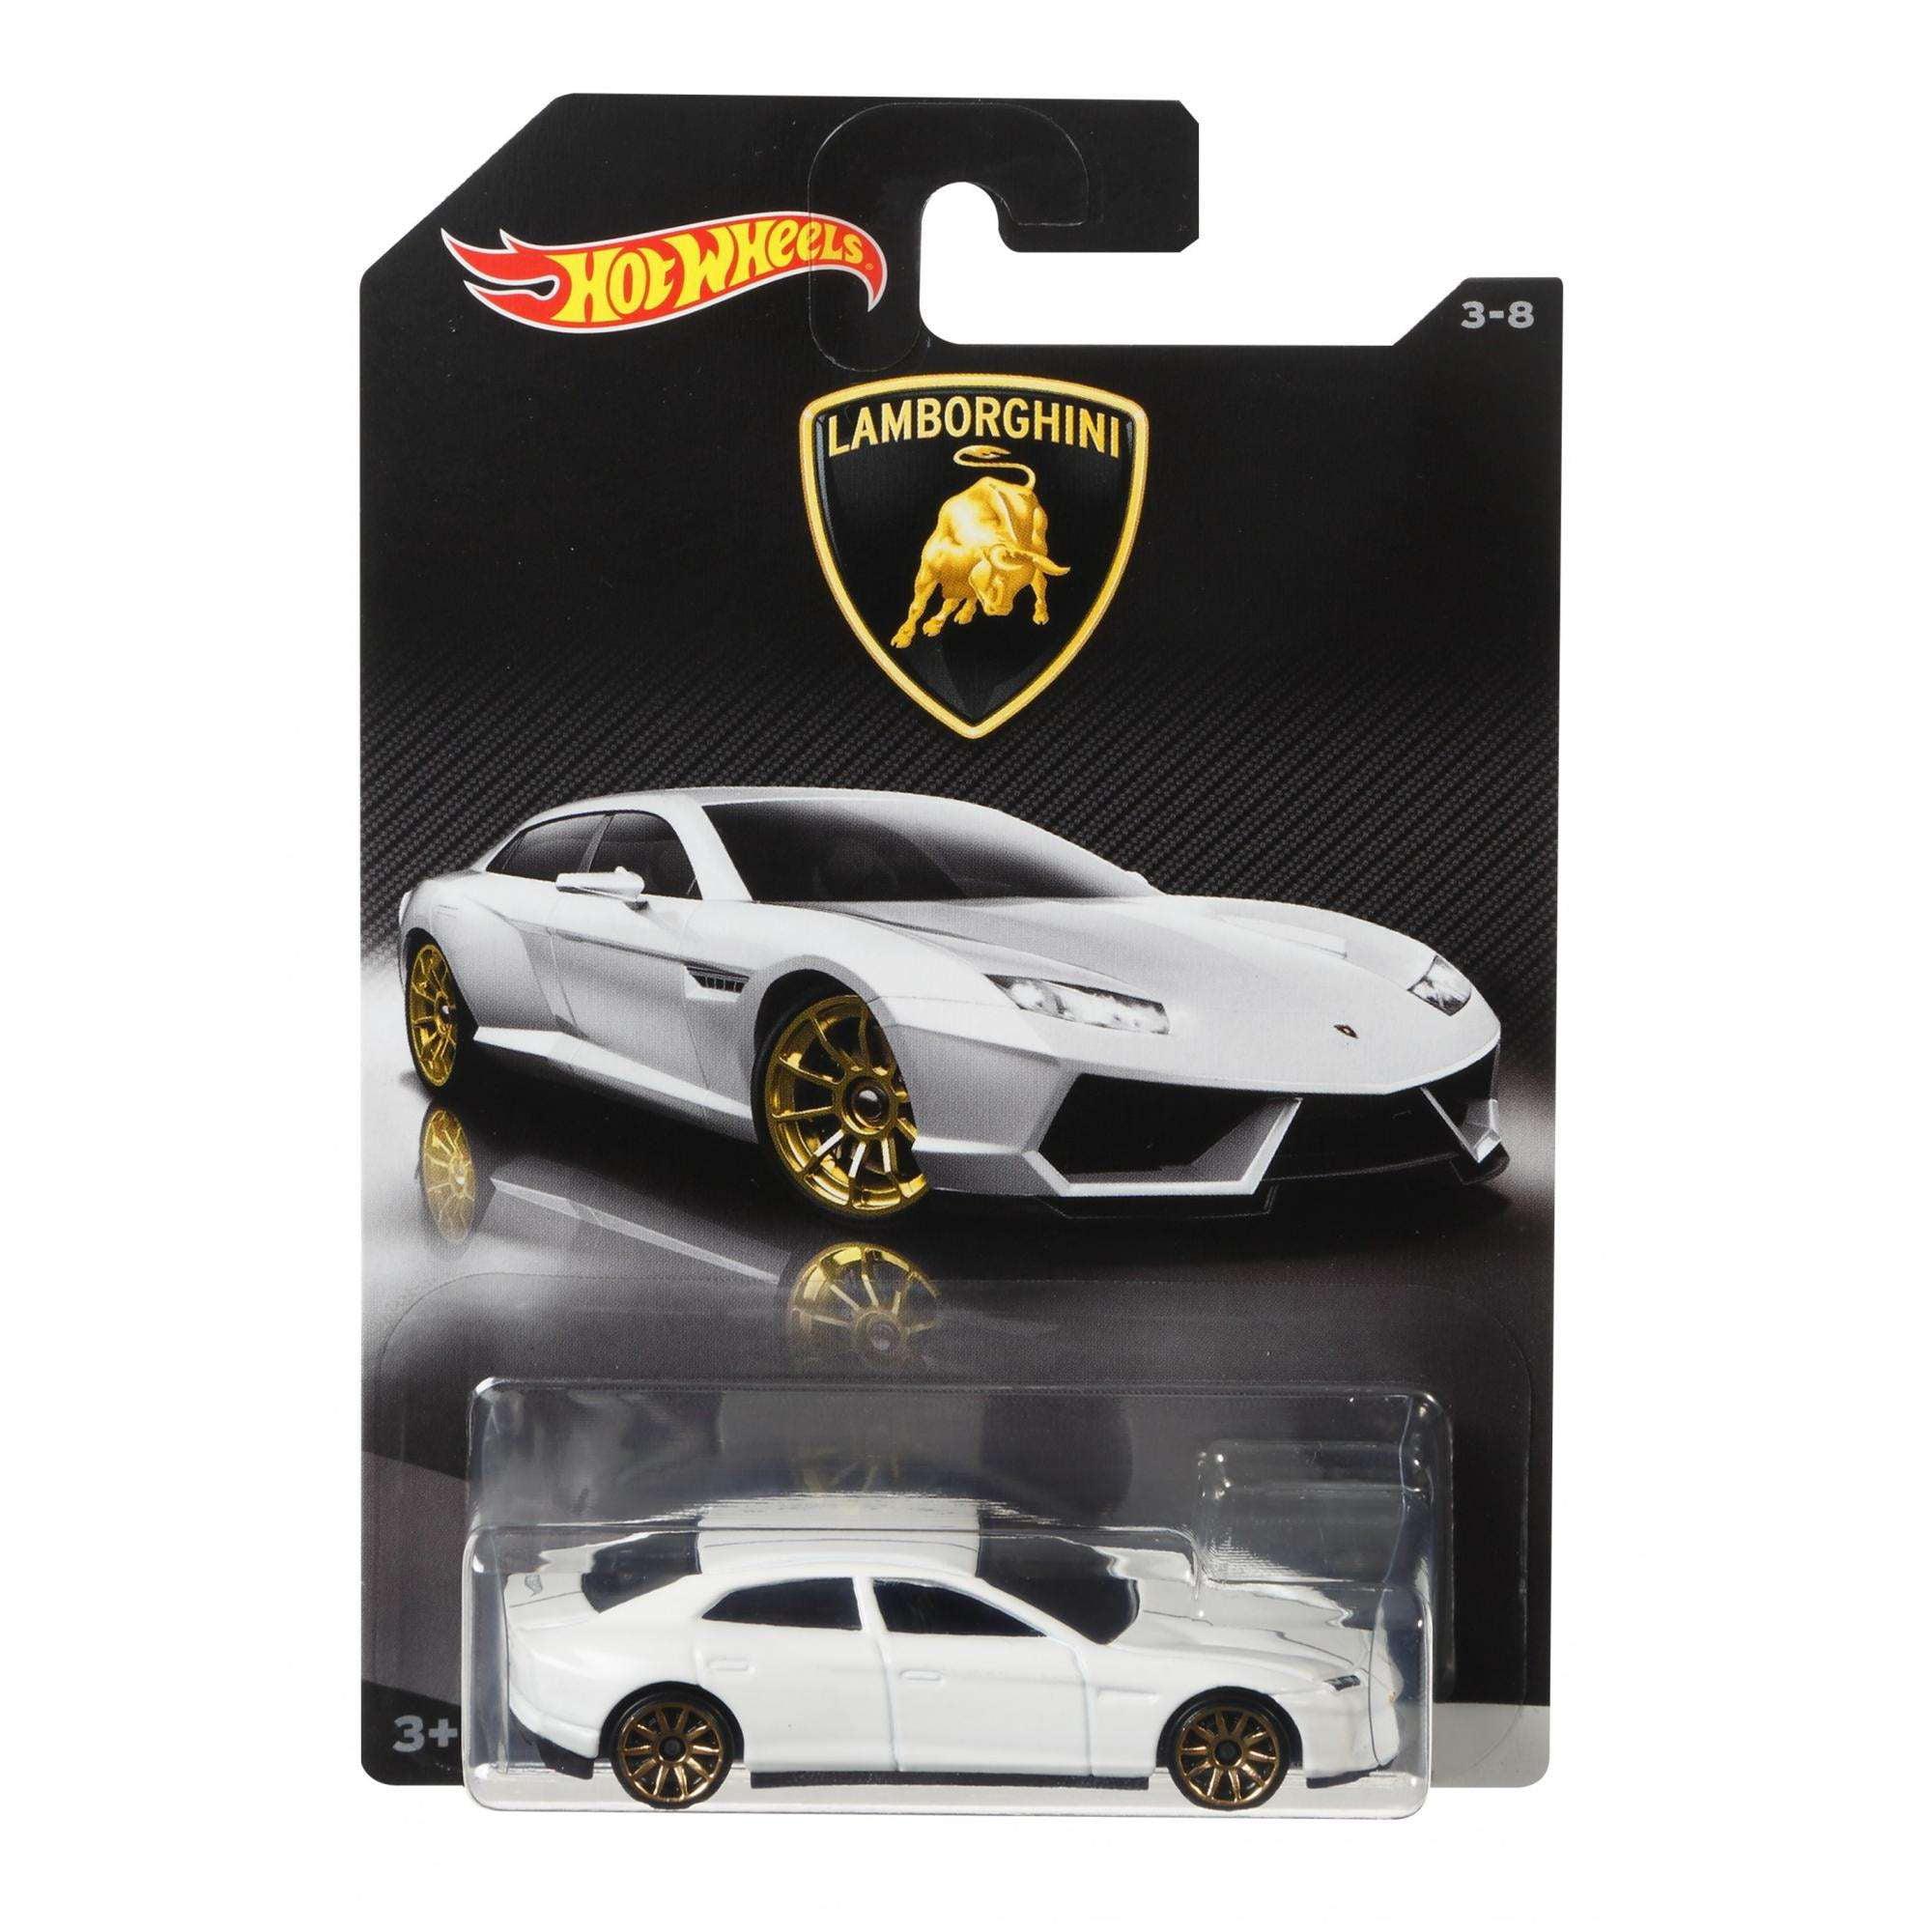 Hot Wheels 1:64 Lamborghini (styles May Vary)   Walmart.com